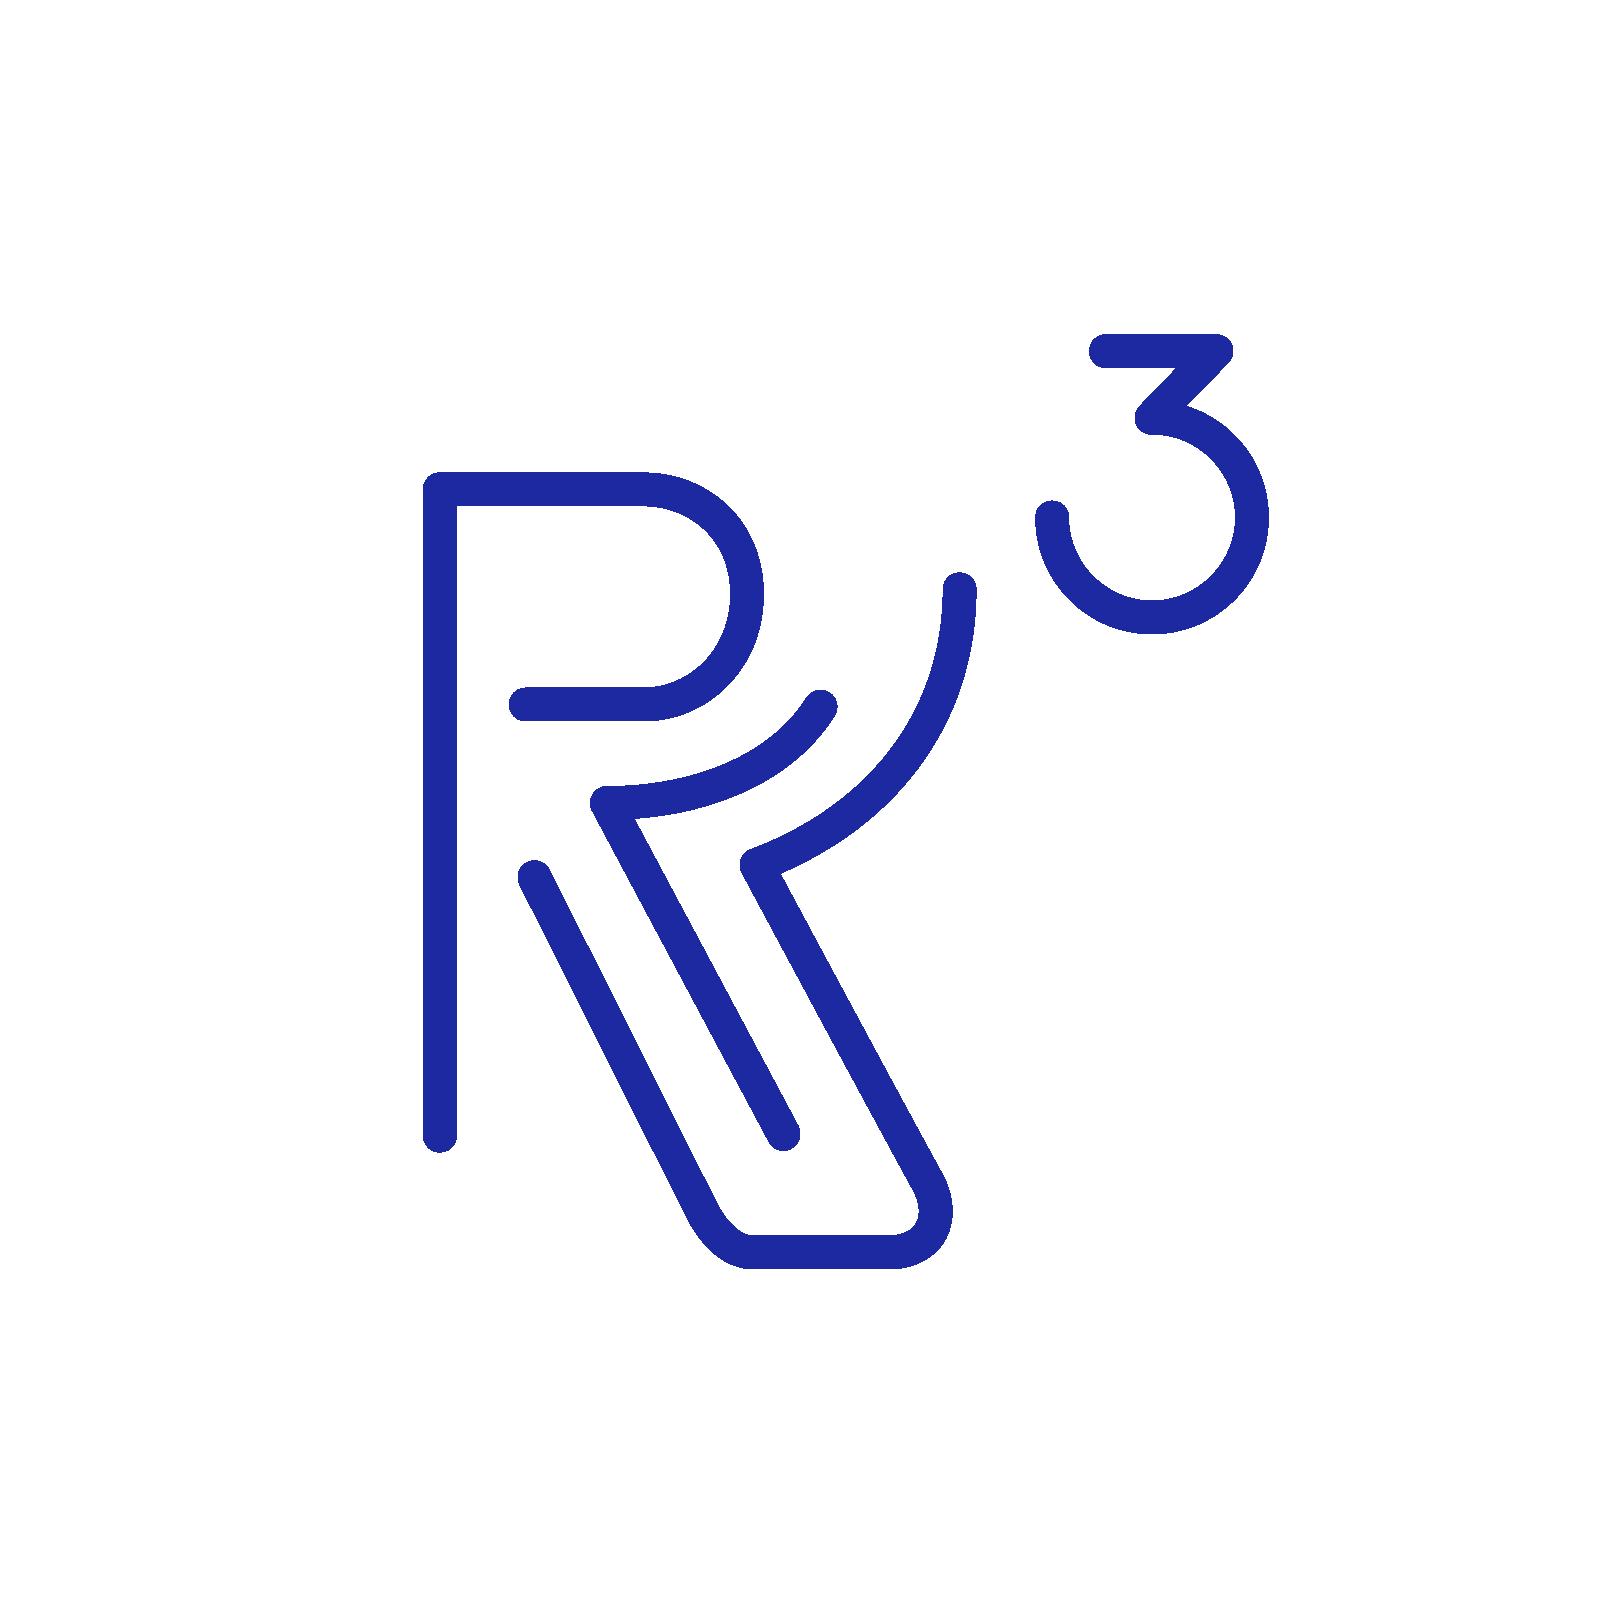 R3_logo_icon_alpha_indigo.png